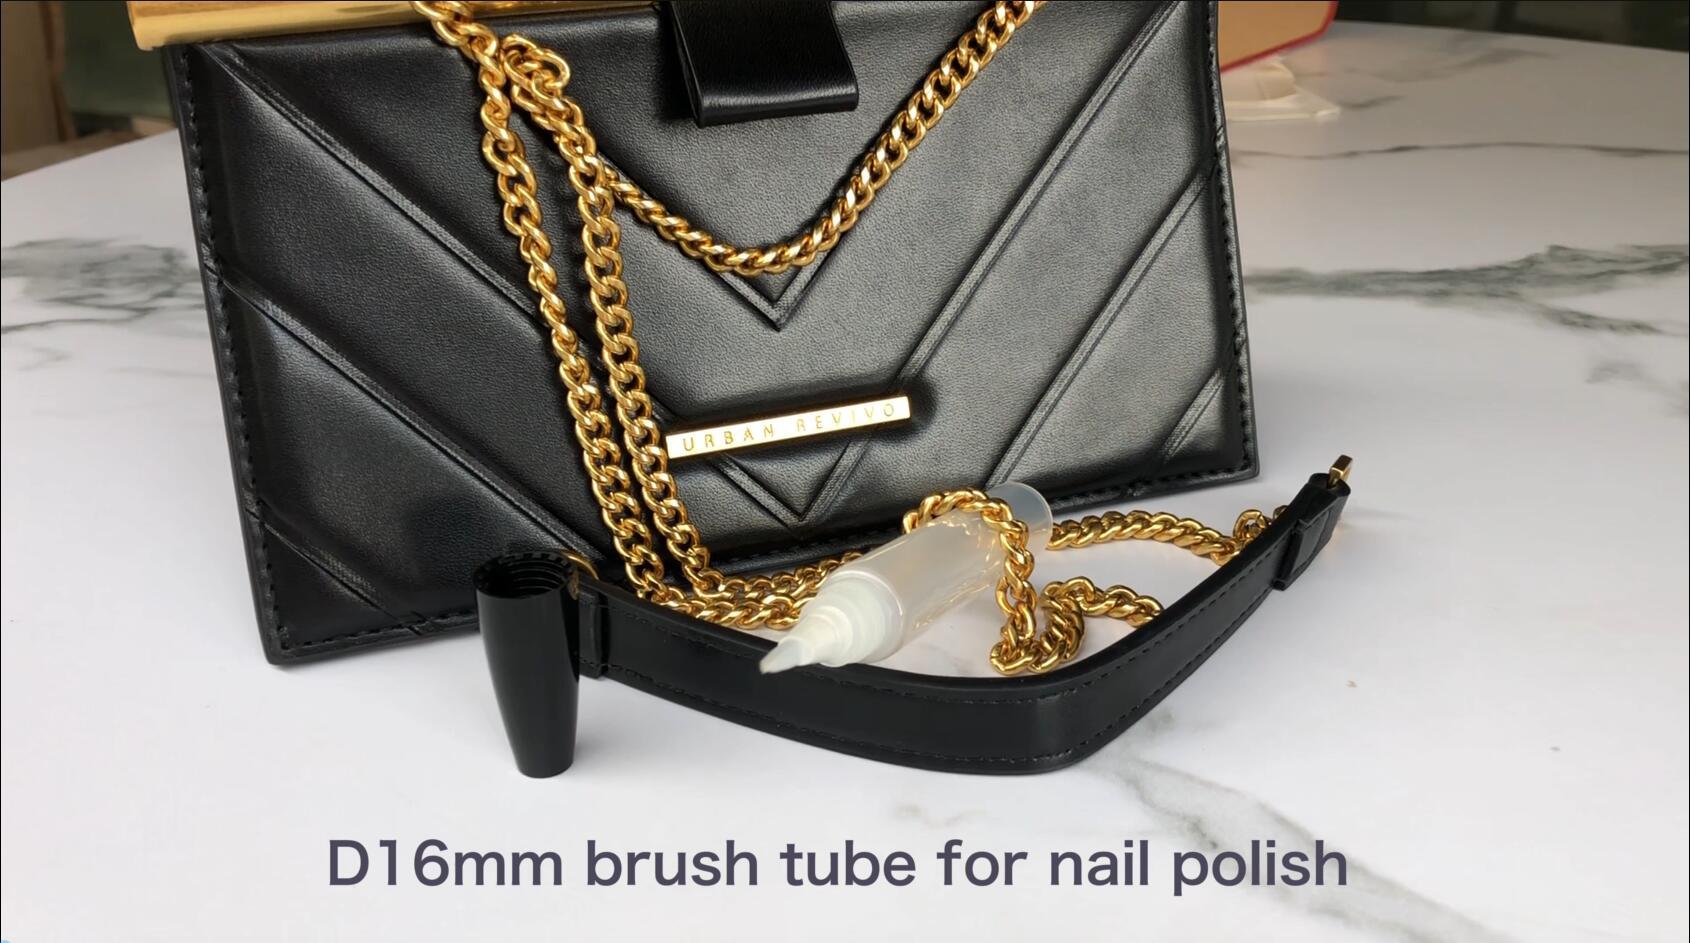 D16mm أنبوب مستحضرات التجميل مع فرشاة قضيب لتجميع الأظافر